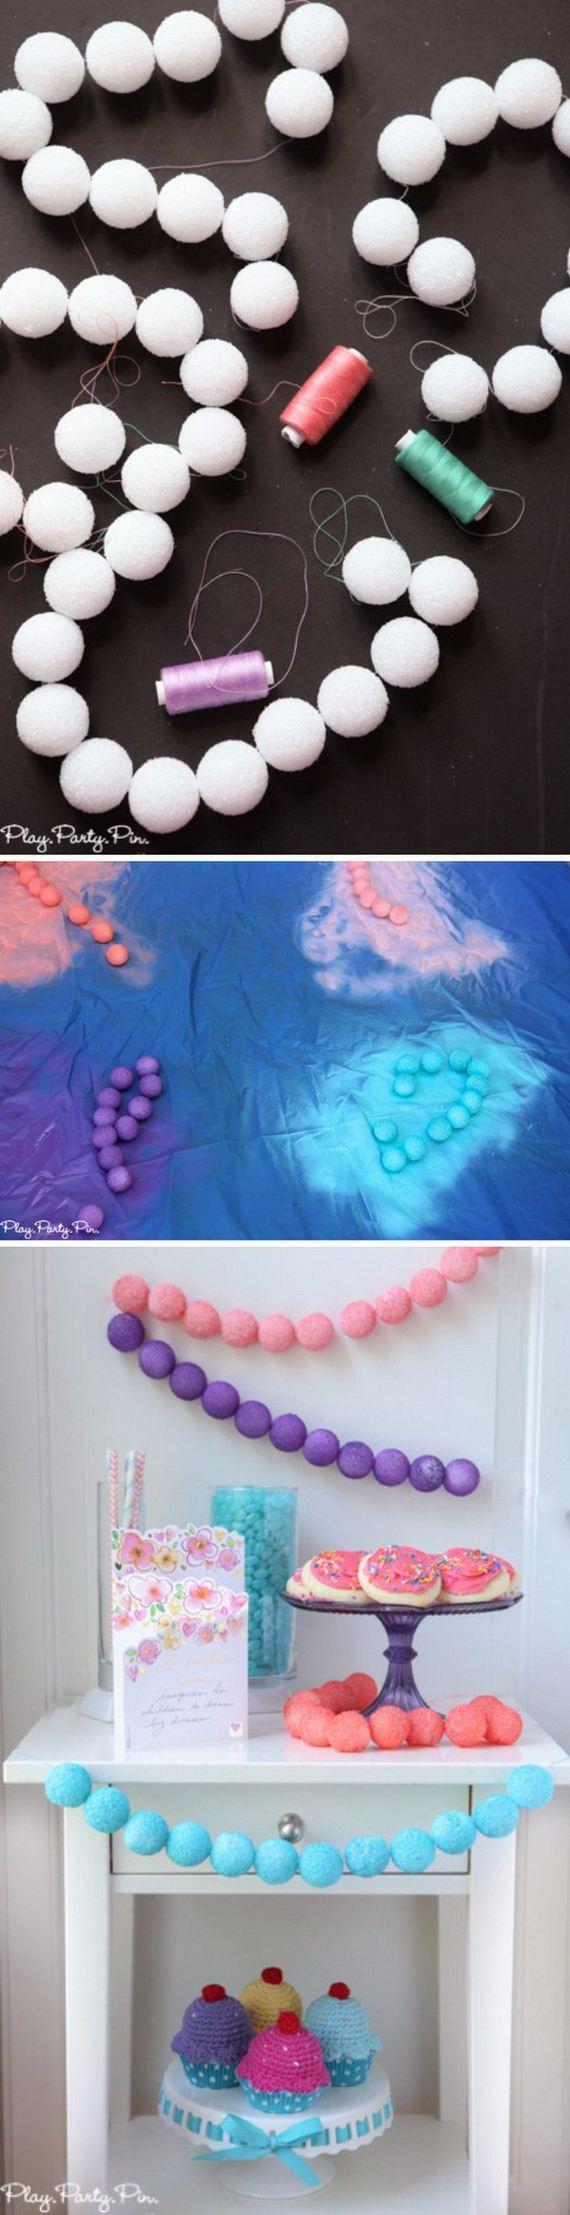 17-spray-paint-ideas